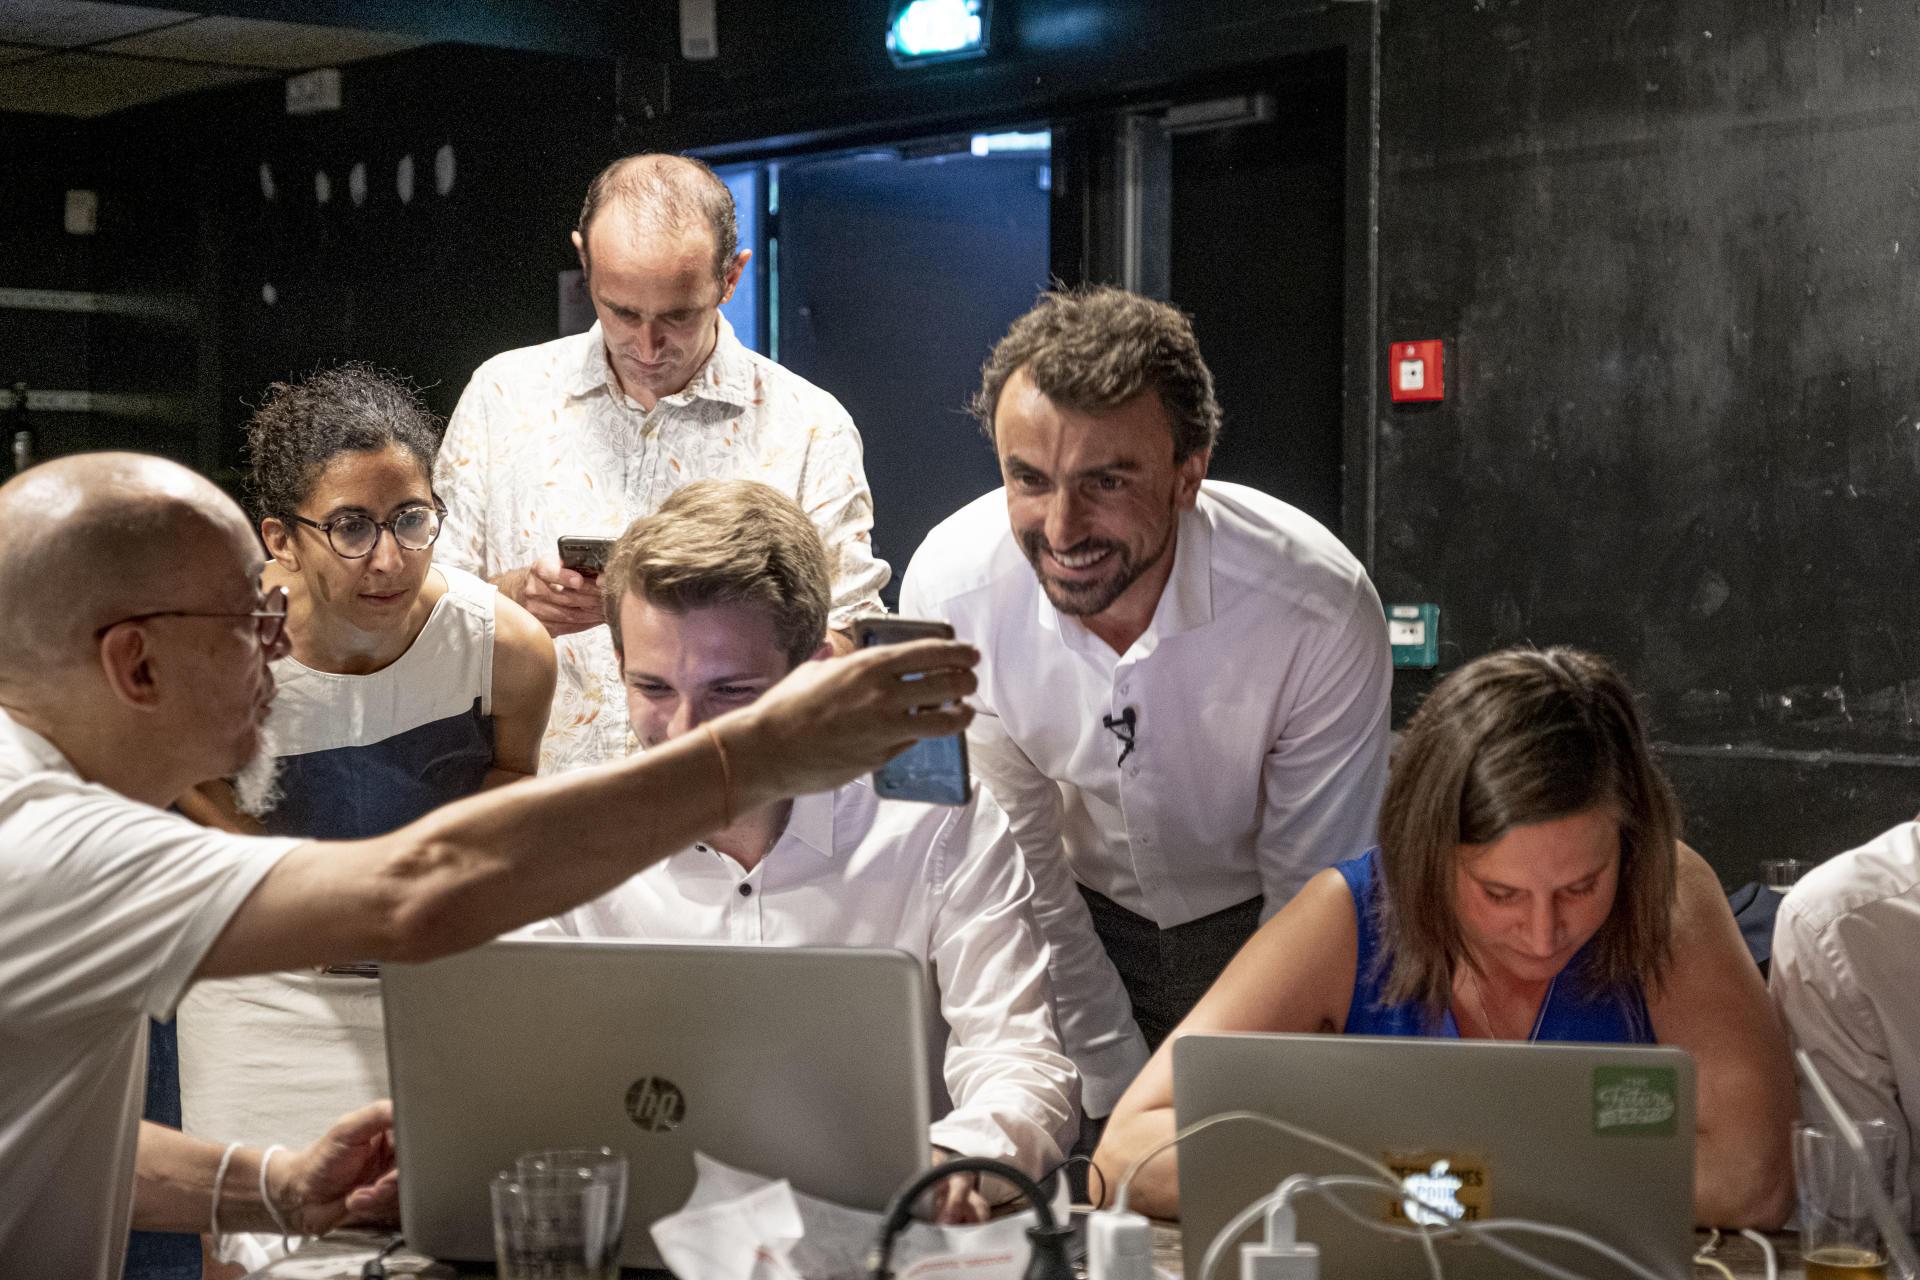 L'écologiste Grégory Doucet découvre les premiers résultats du second tour des municipales, à Lyon, le 28 juin.